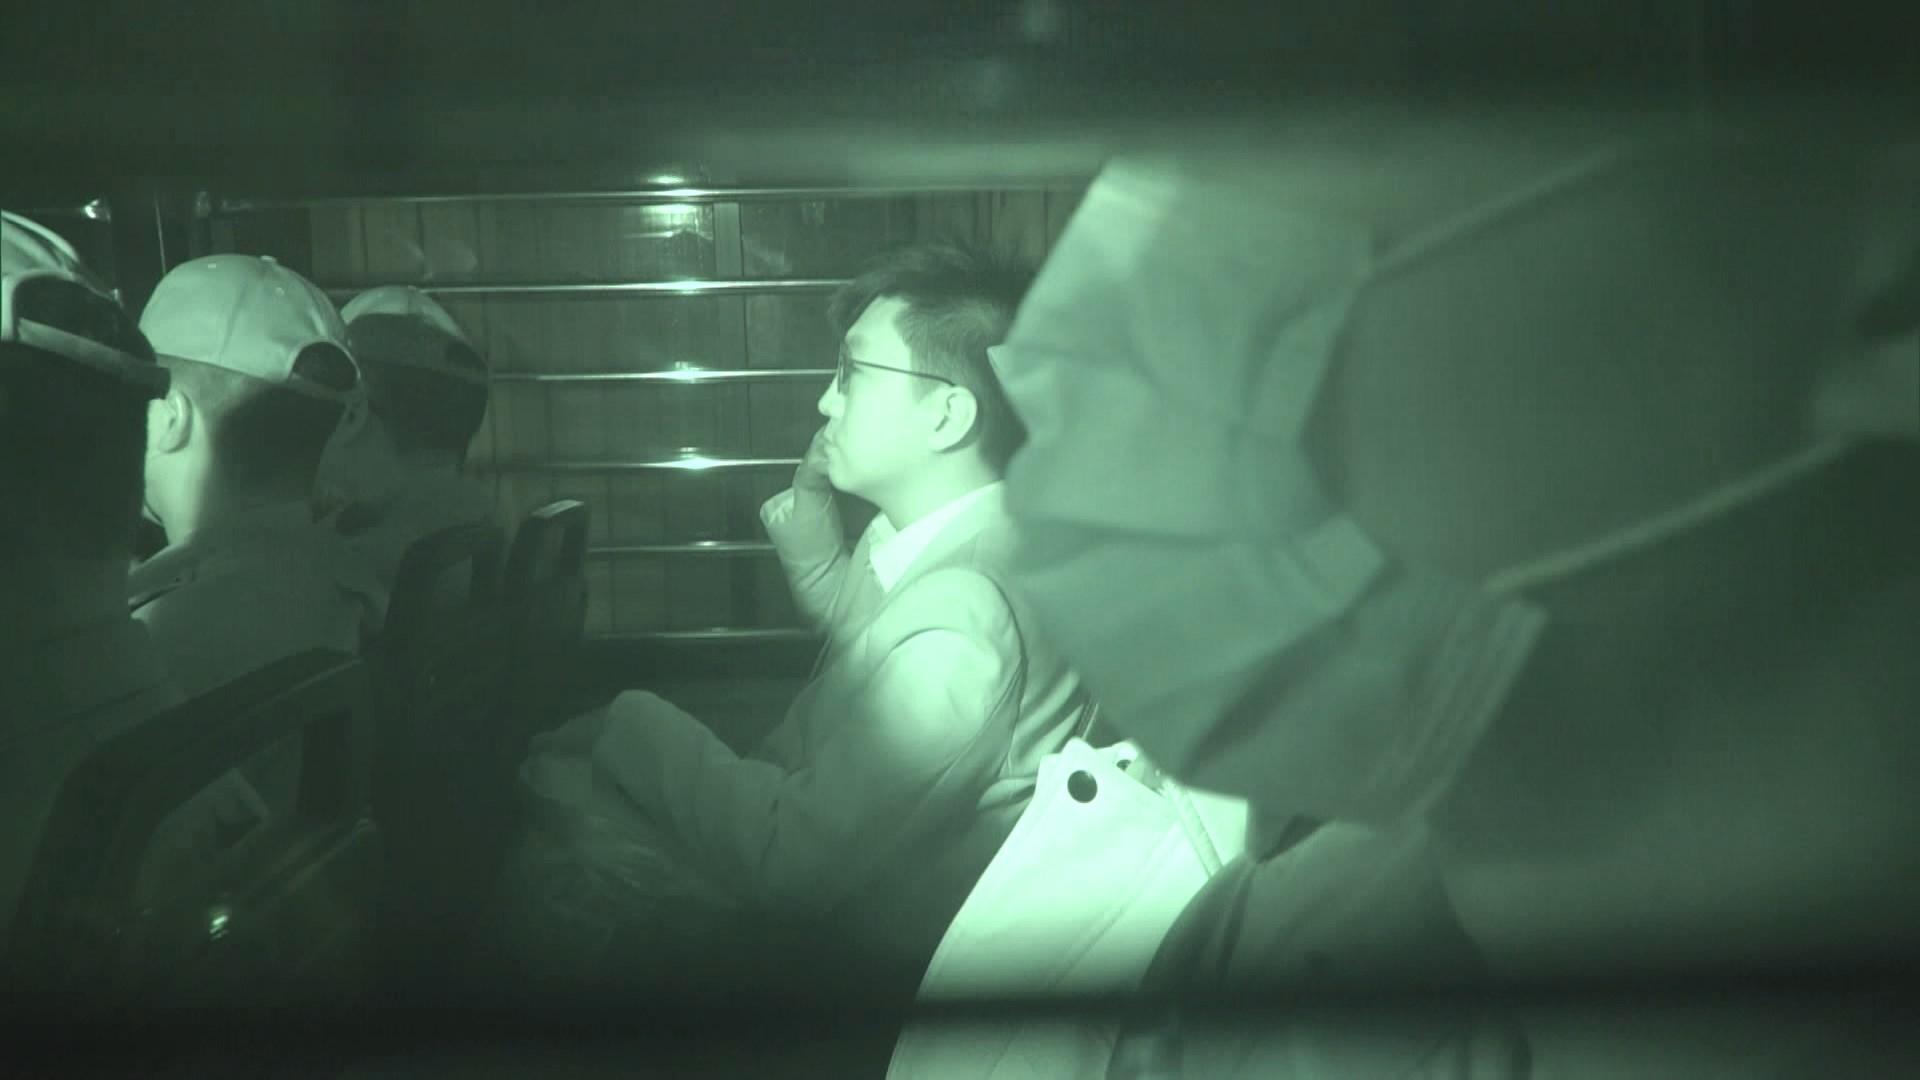 梁天琦及三人被控暴動罪 法官續引導陪審團